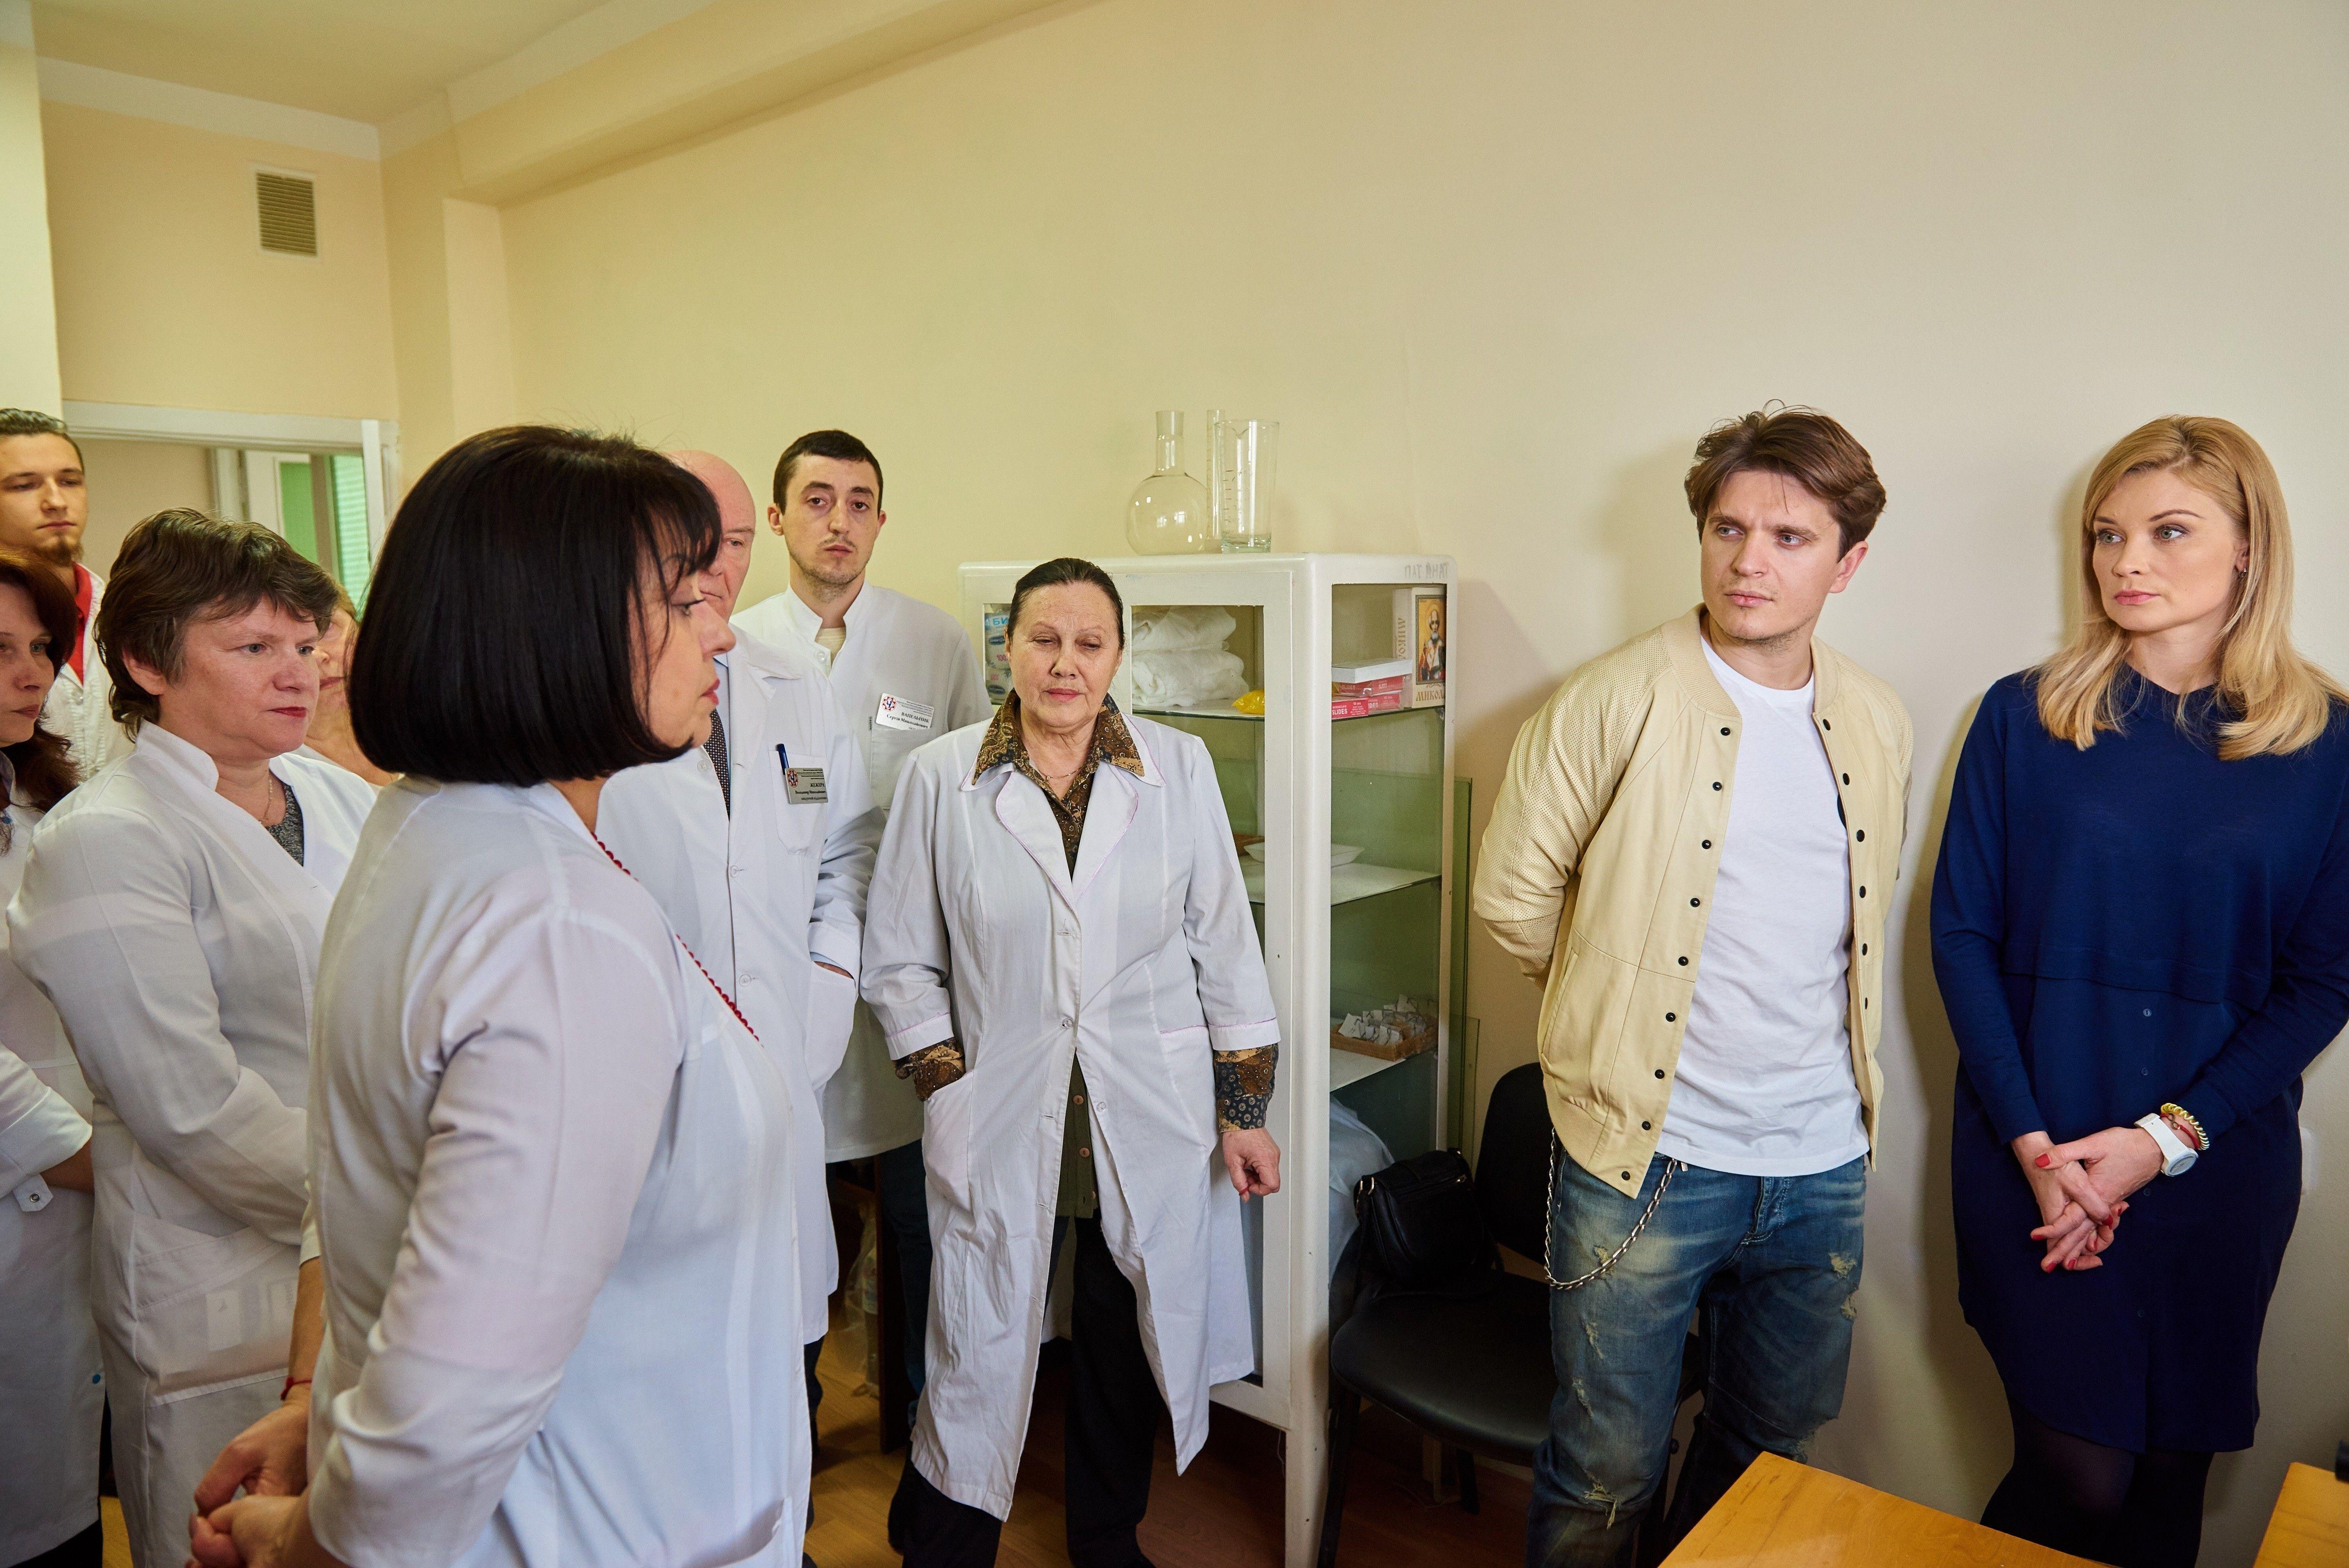 Лідія Таран і Анатолій Анатоліч відвідали Національну дитячу лікарню «ОХМАТДИТ» _2